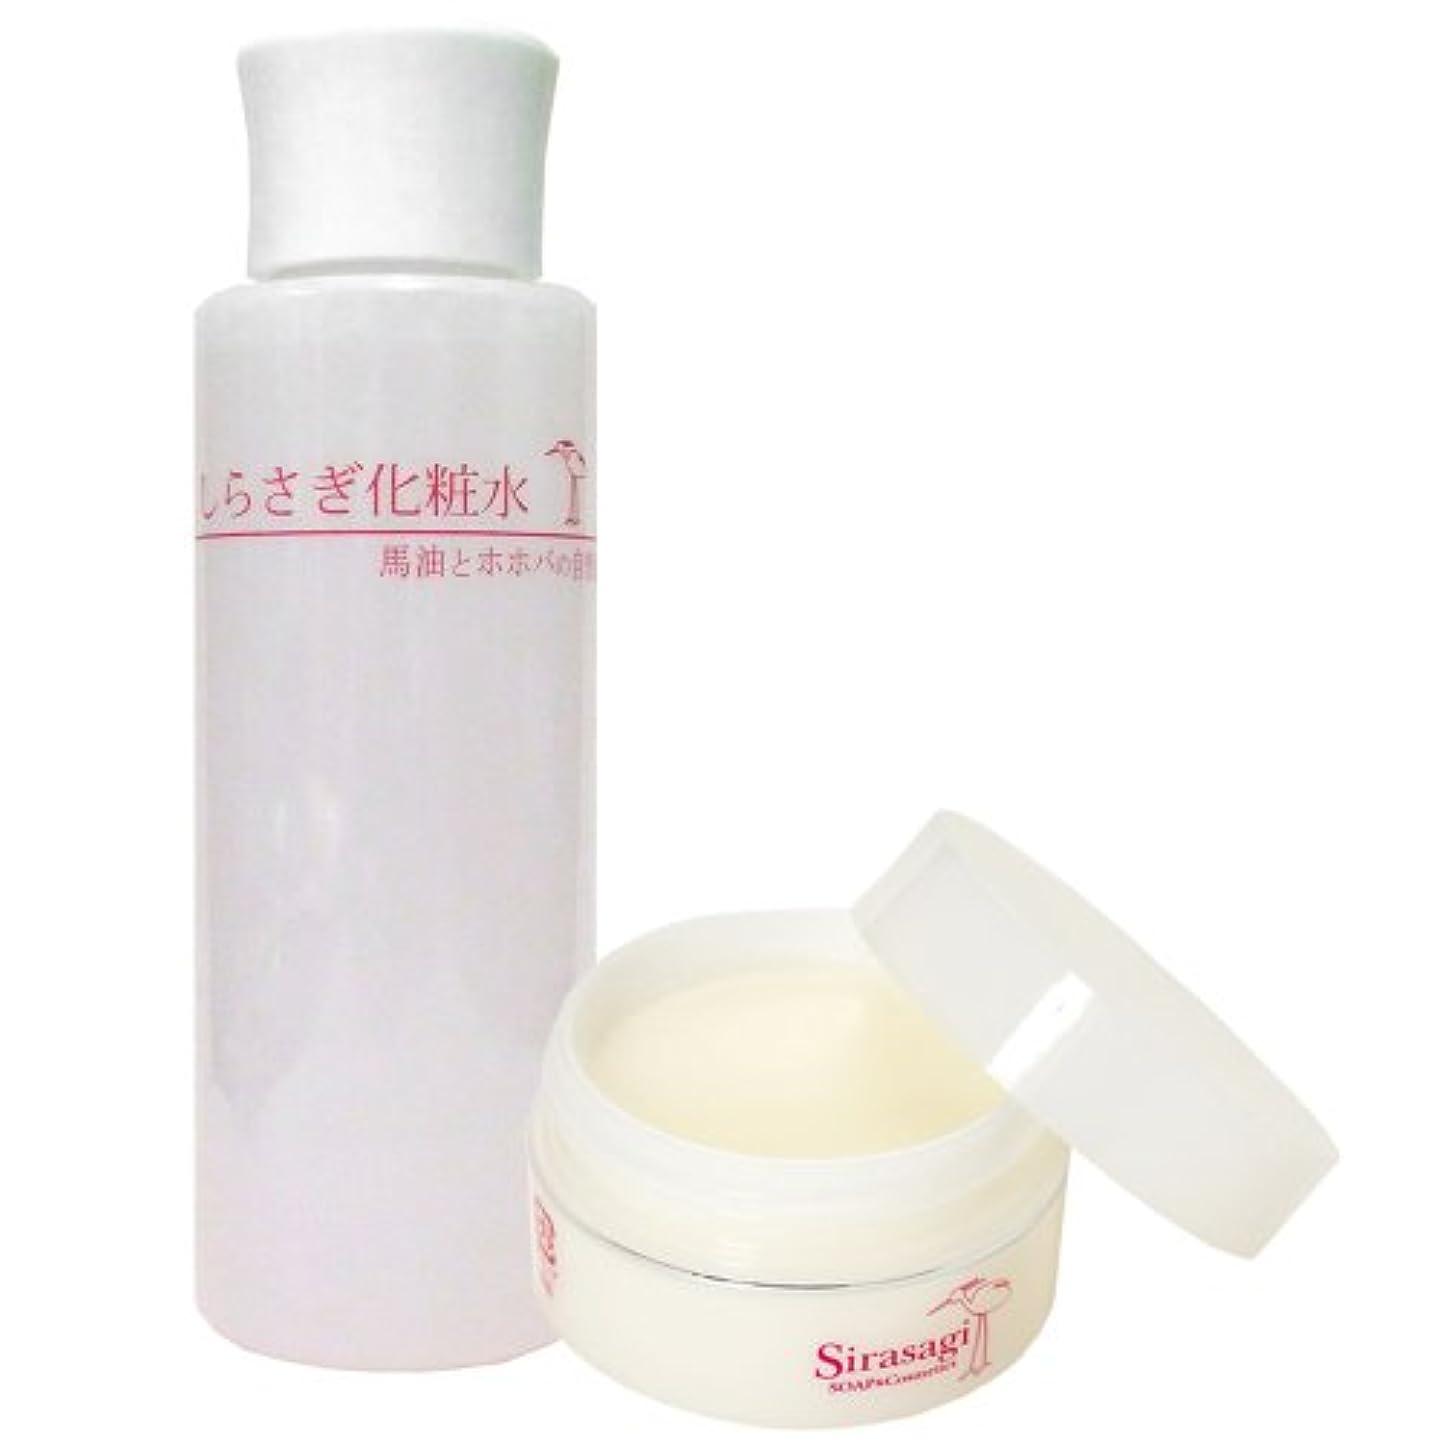 ビザ型属するしらさぎクリーム(無香料)としらさぎ化粧水のセット